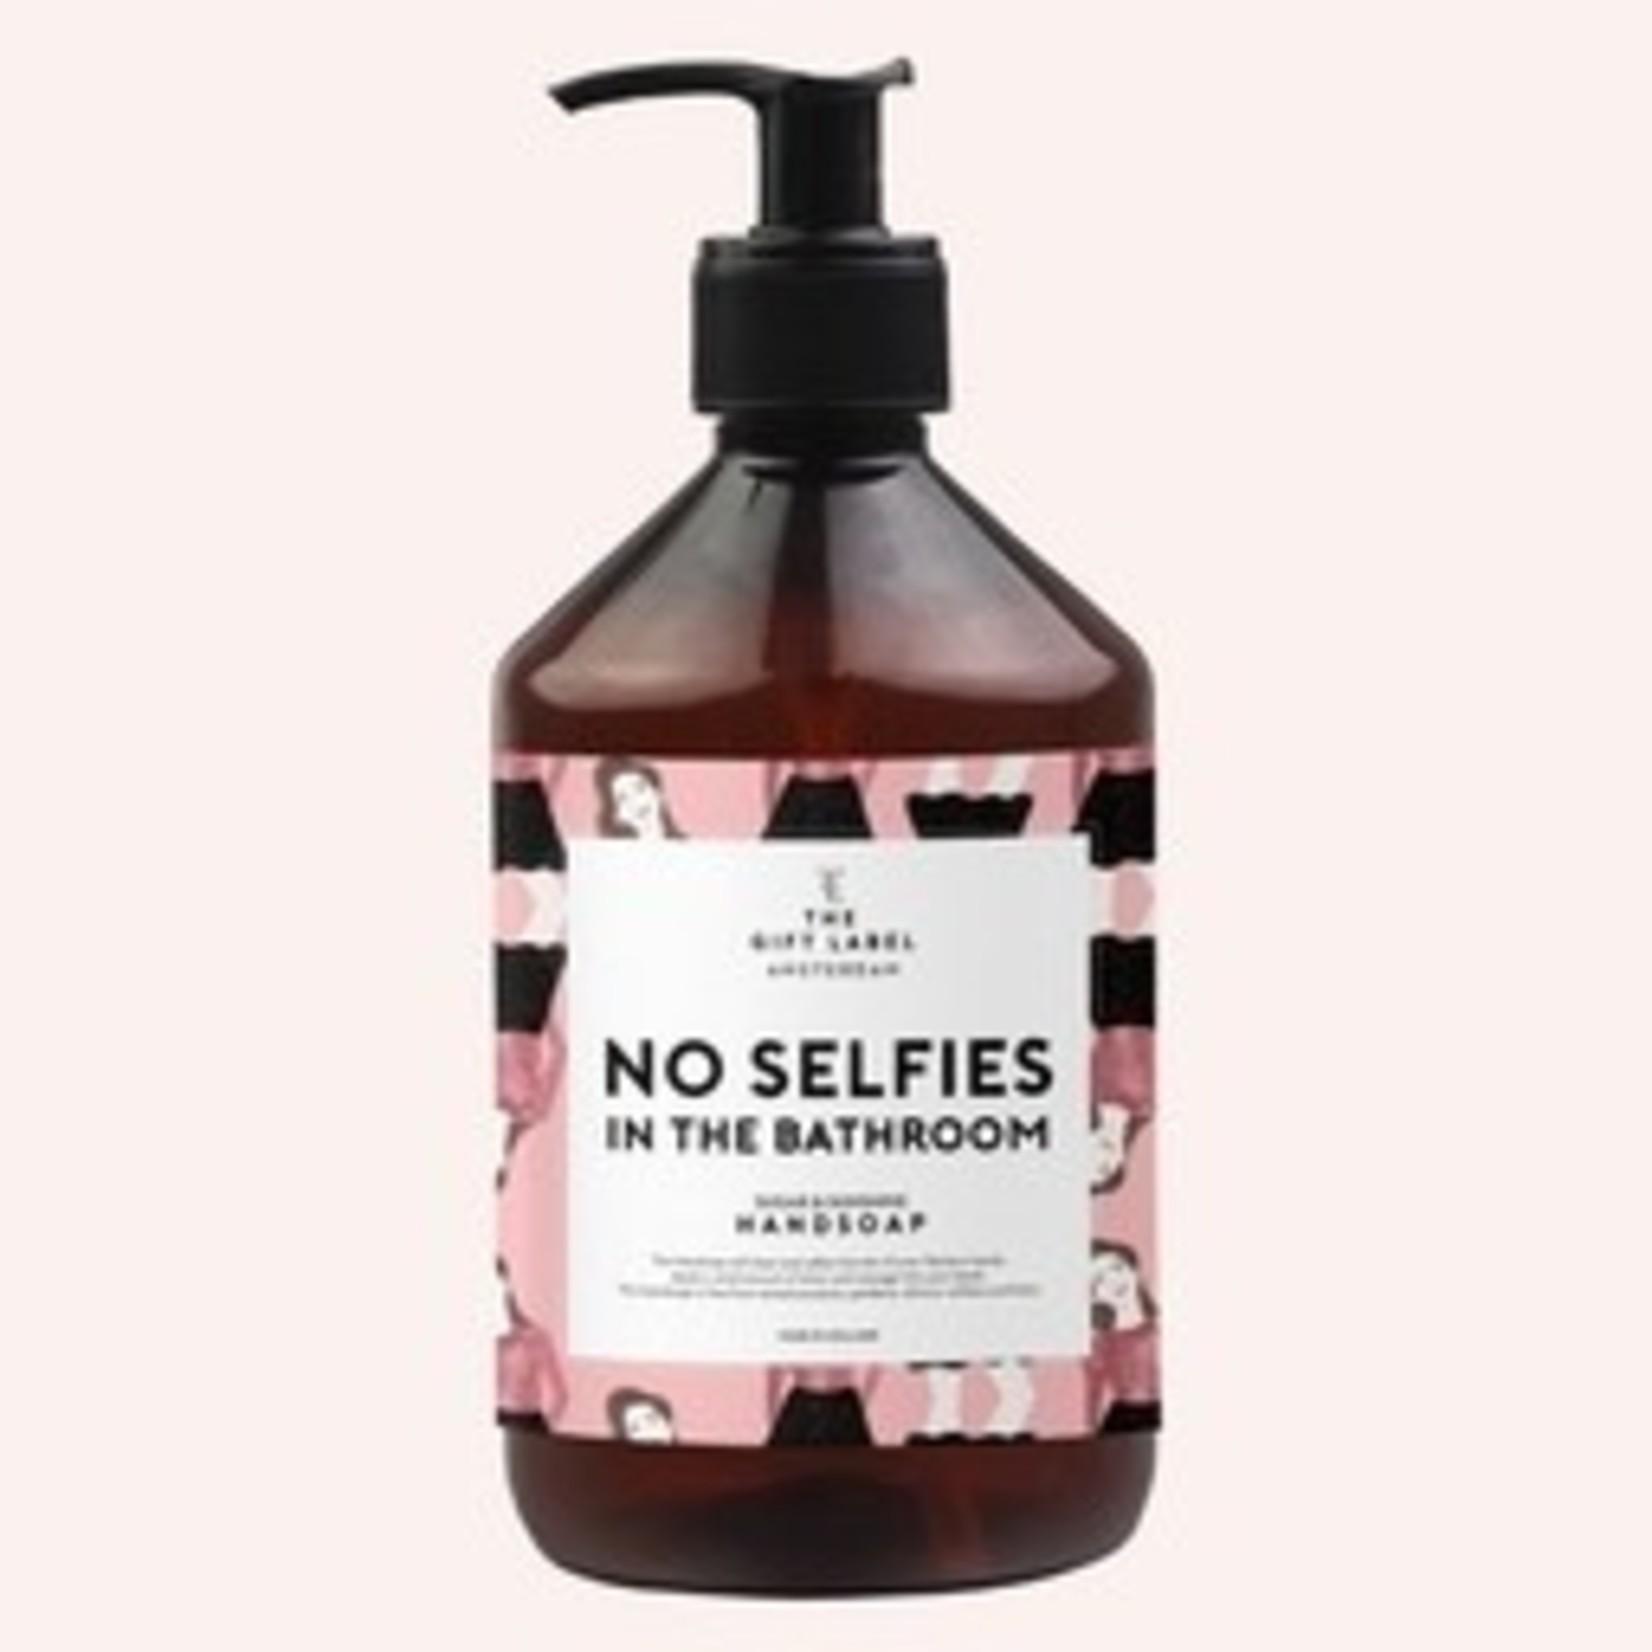 Handzeep No selfies in the bathroom - The Gift Label